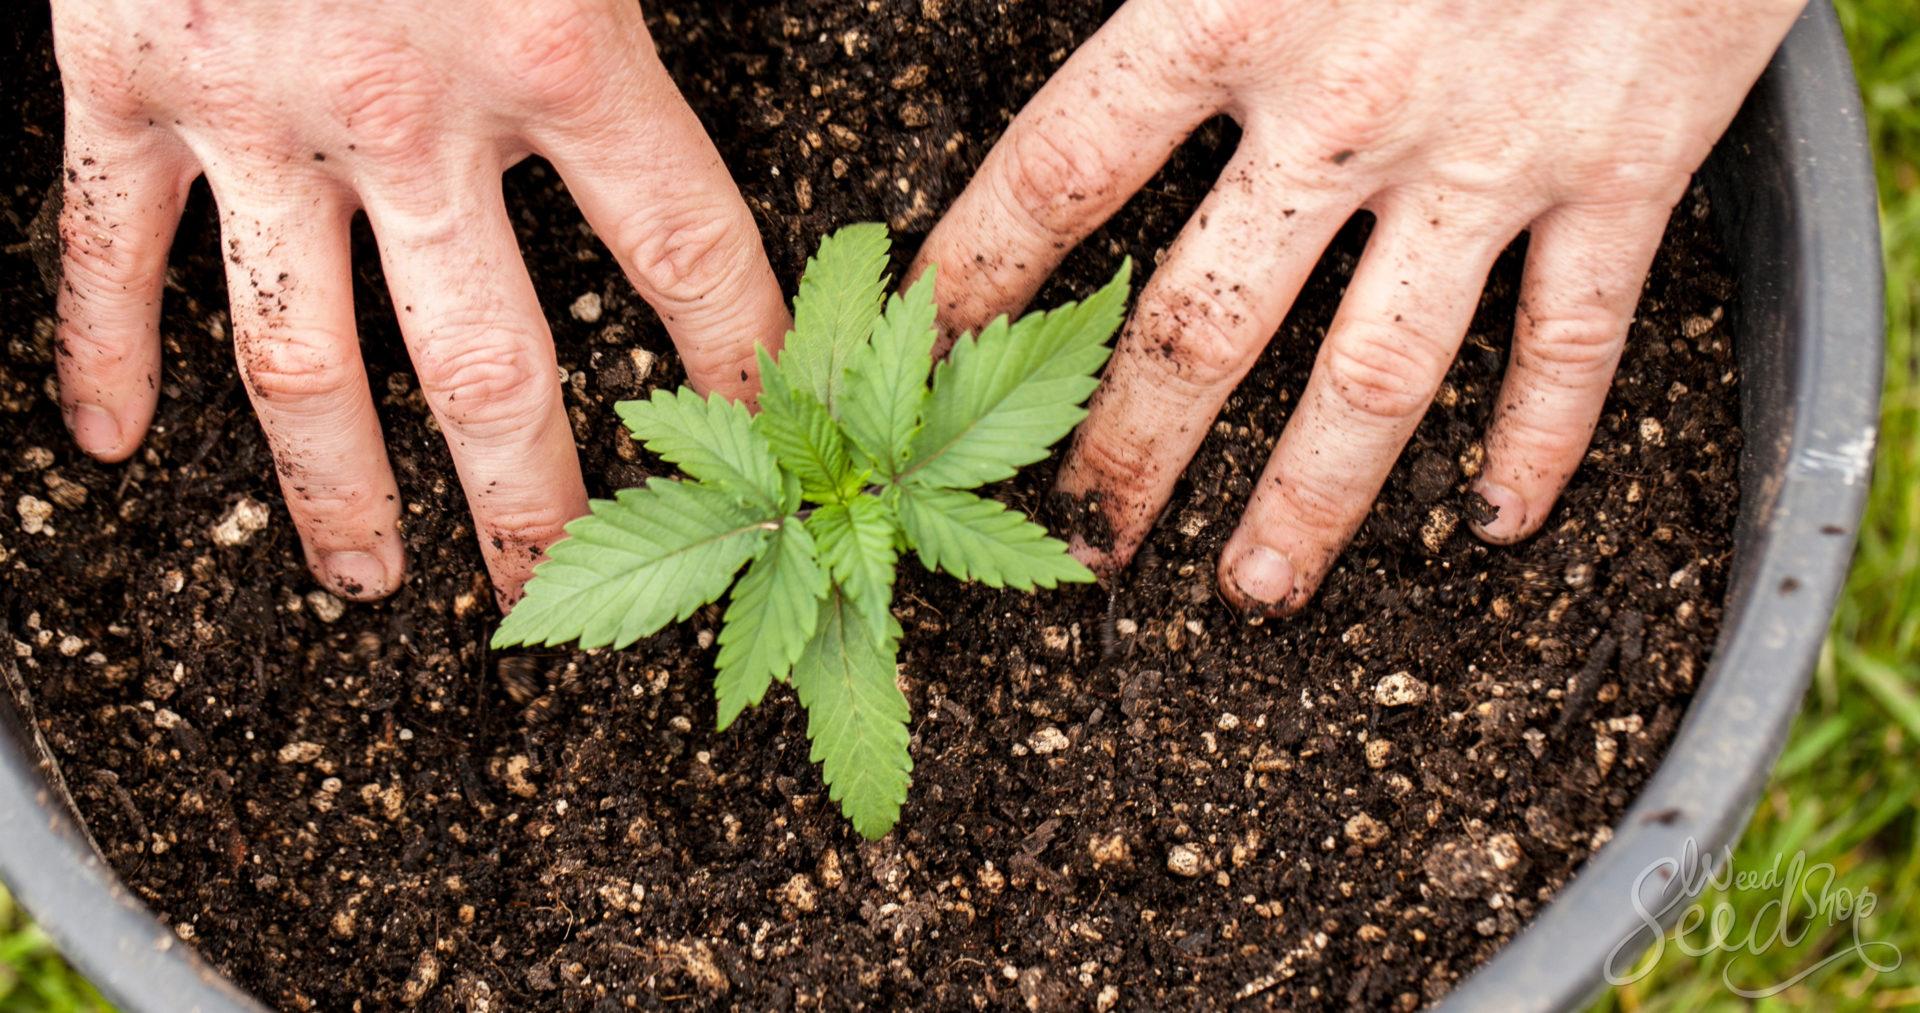 9 Manieren om milieuvriendelijke wiet te kweken